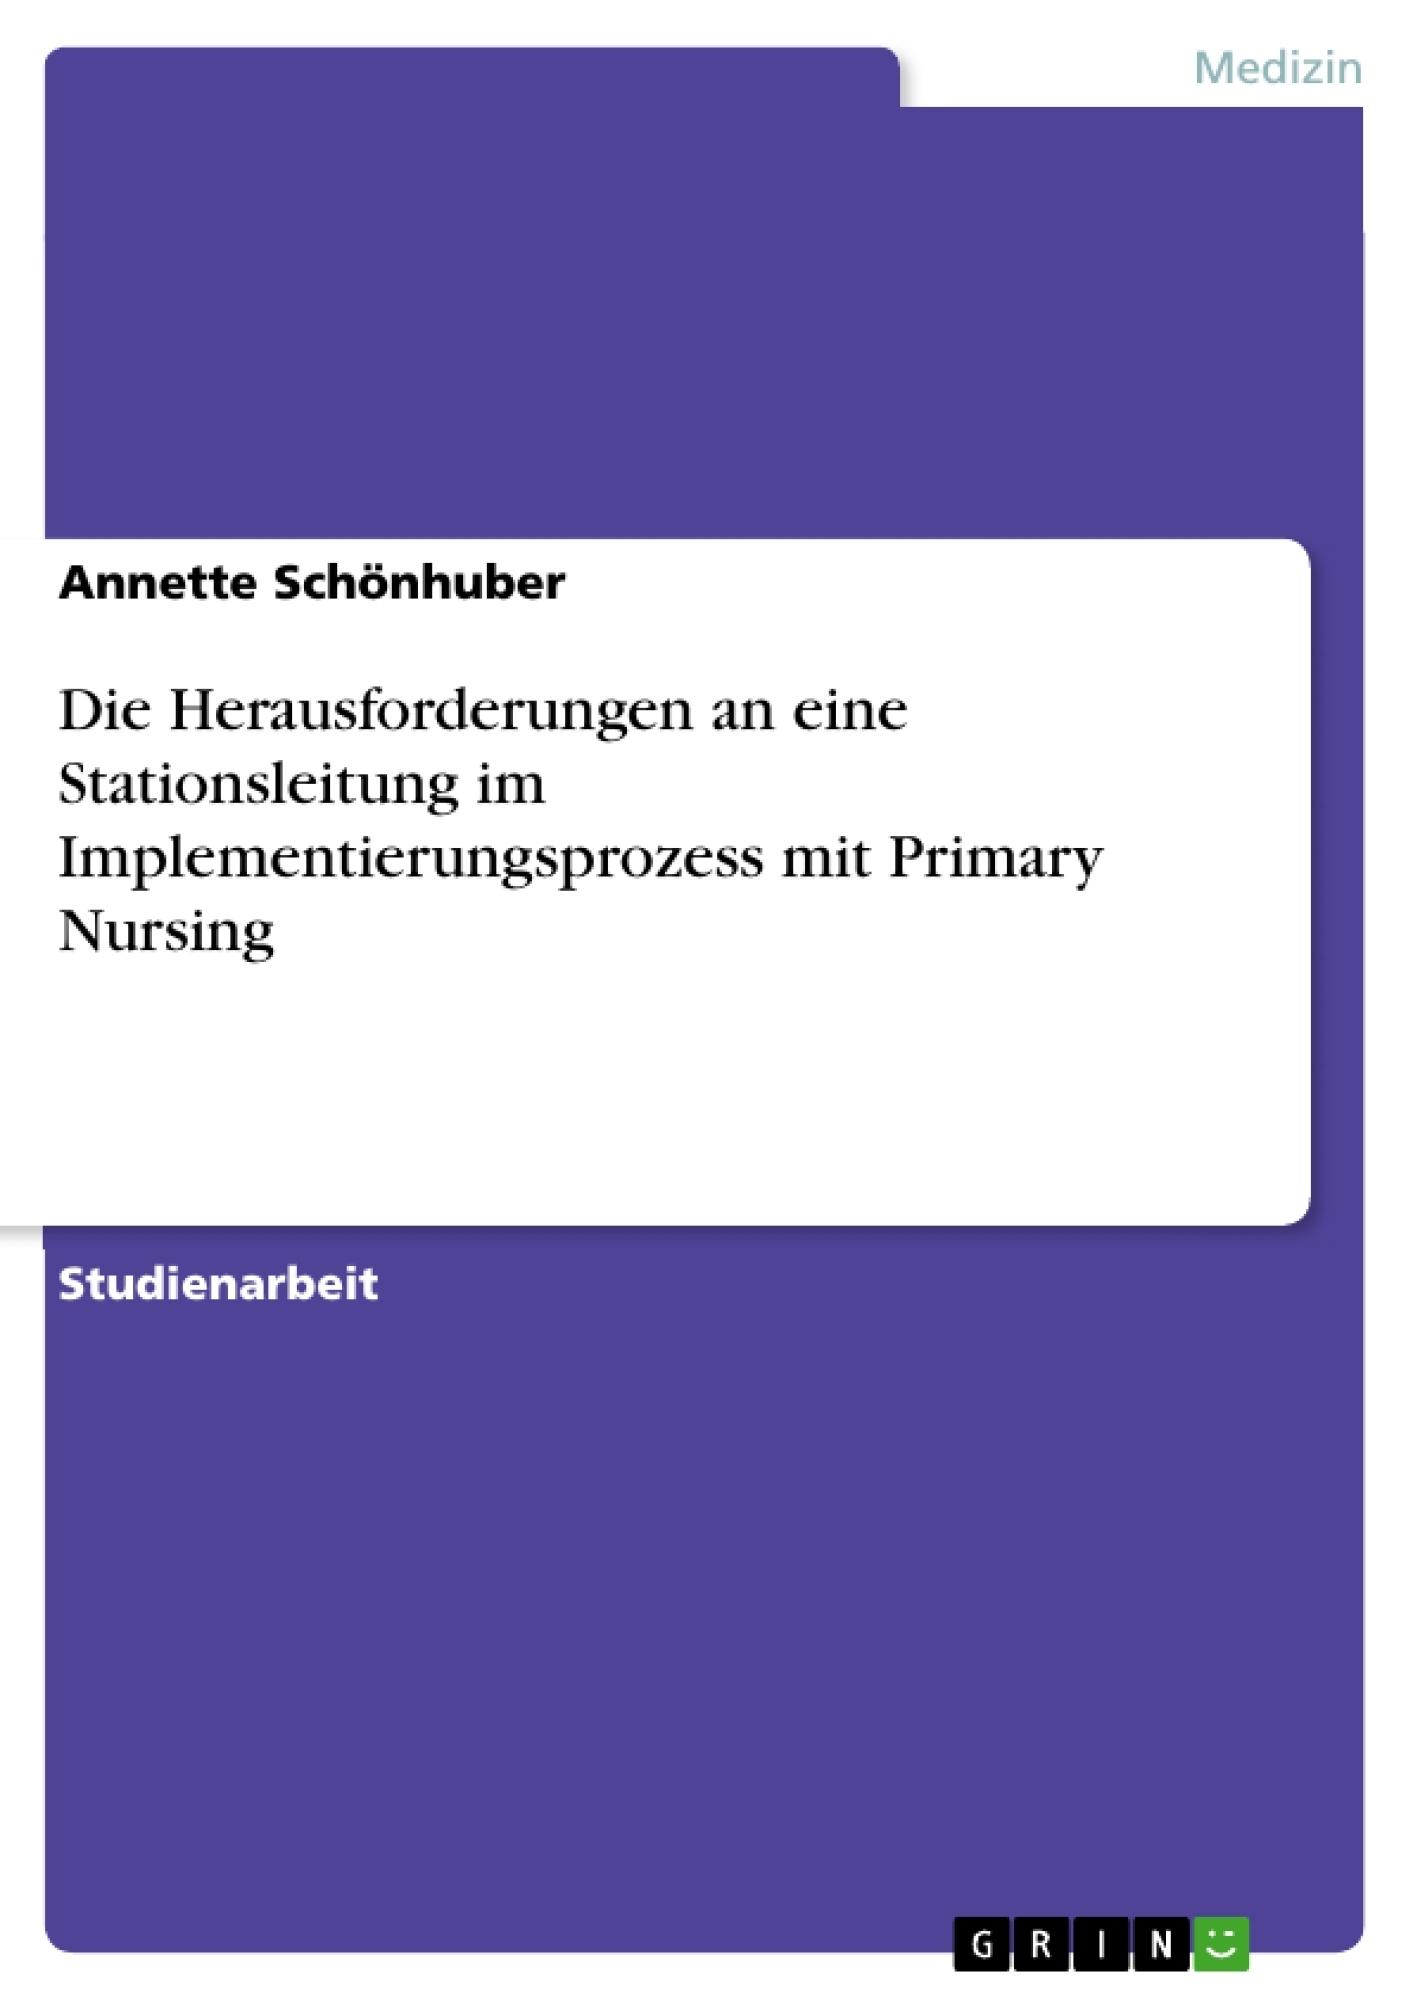 Titel: Die Herausforderungen an eine Stationsleitung im Implementierungsprozess mit Primary Nursing